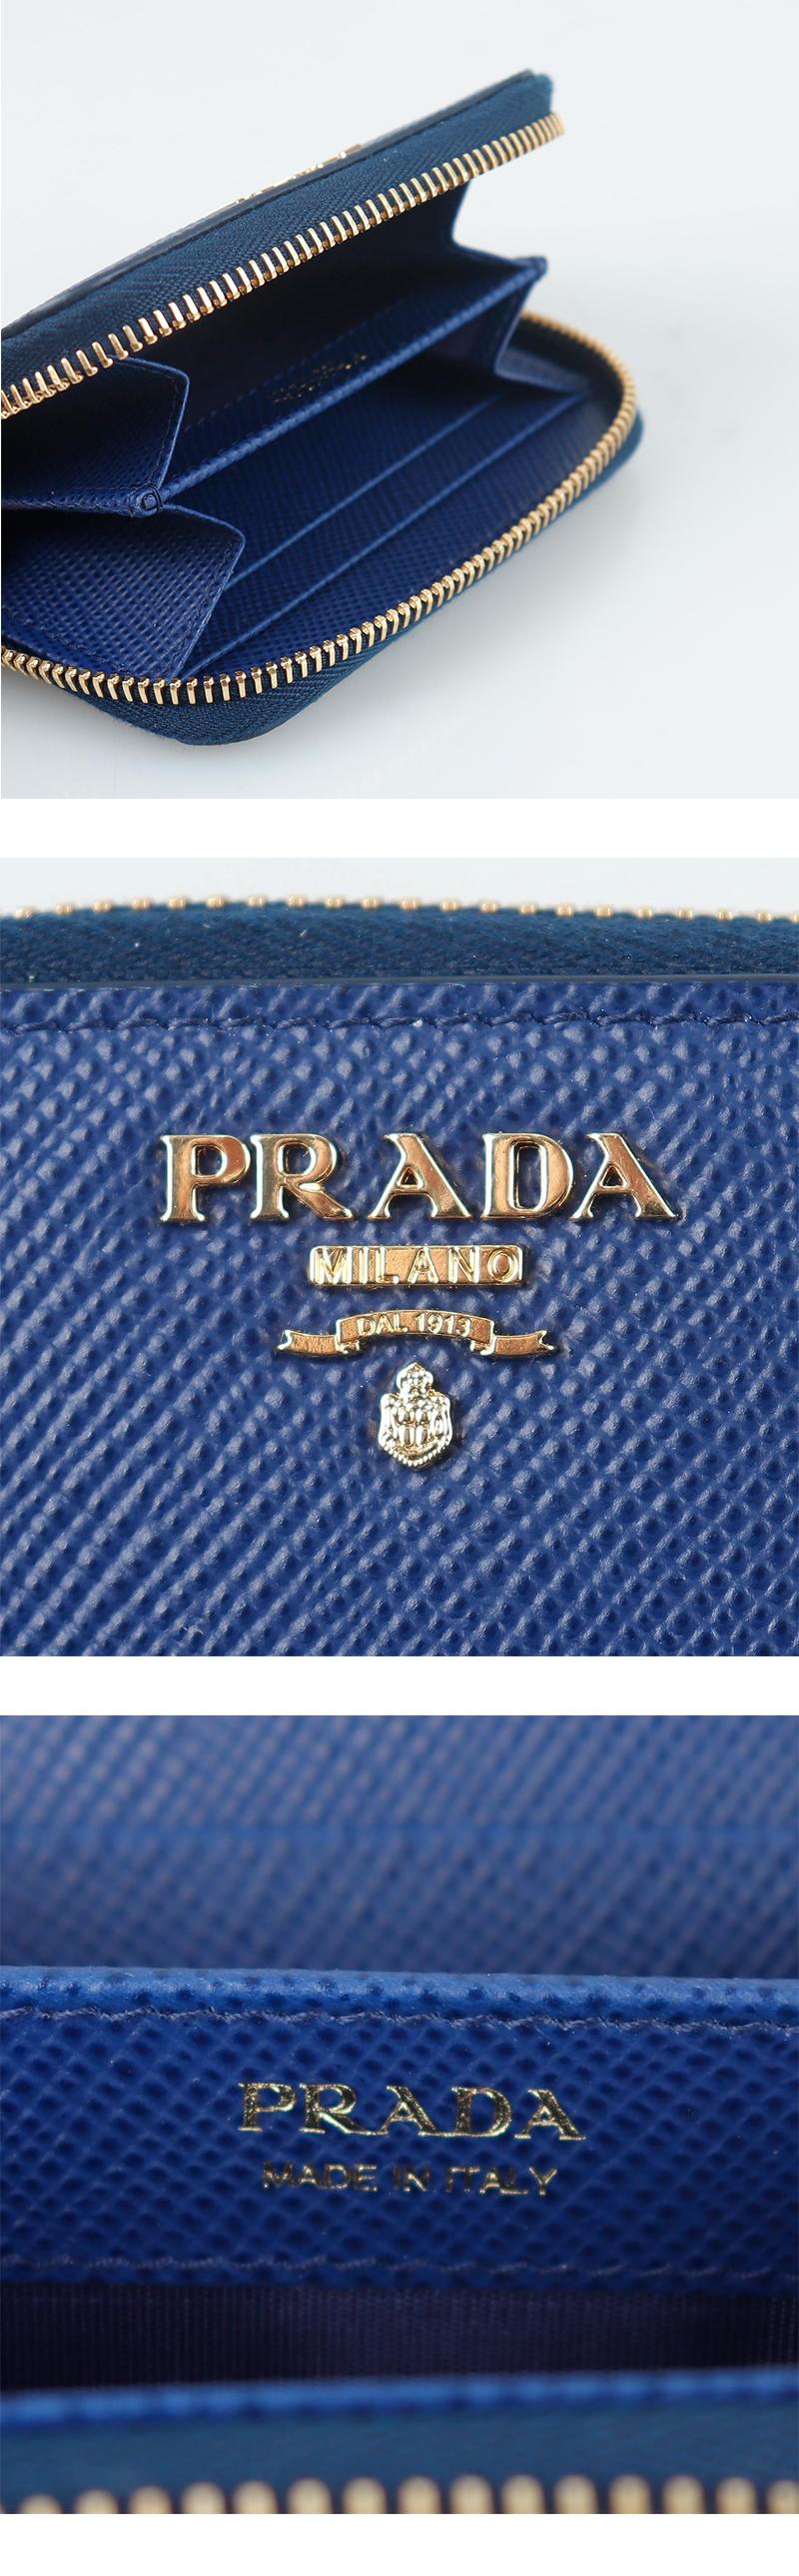 프라다(PRADA) 사피아노 동전지갑 1MM268